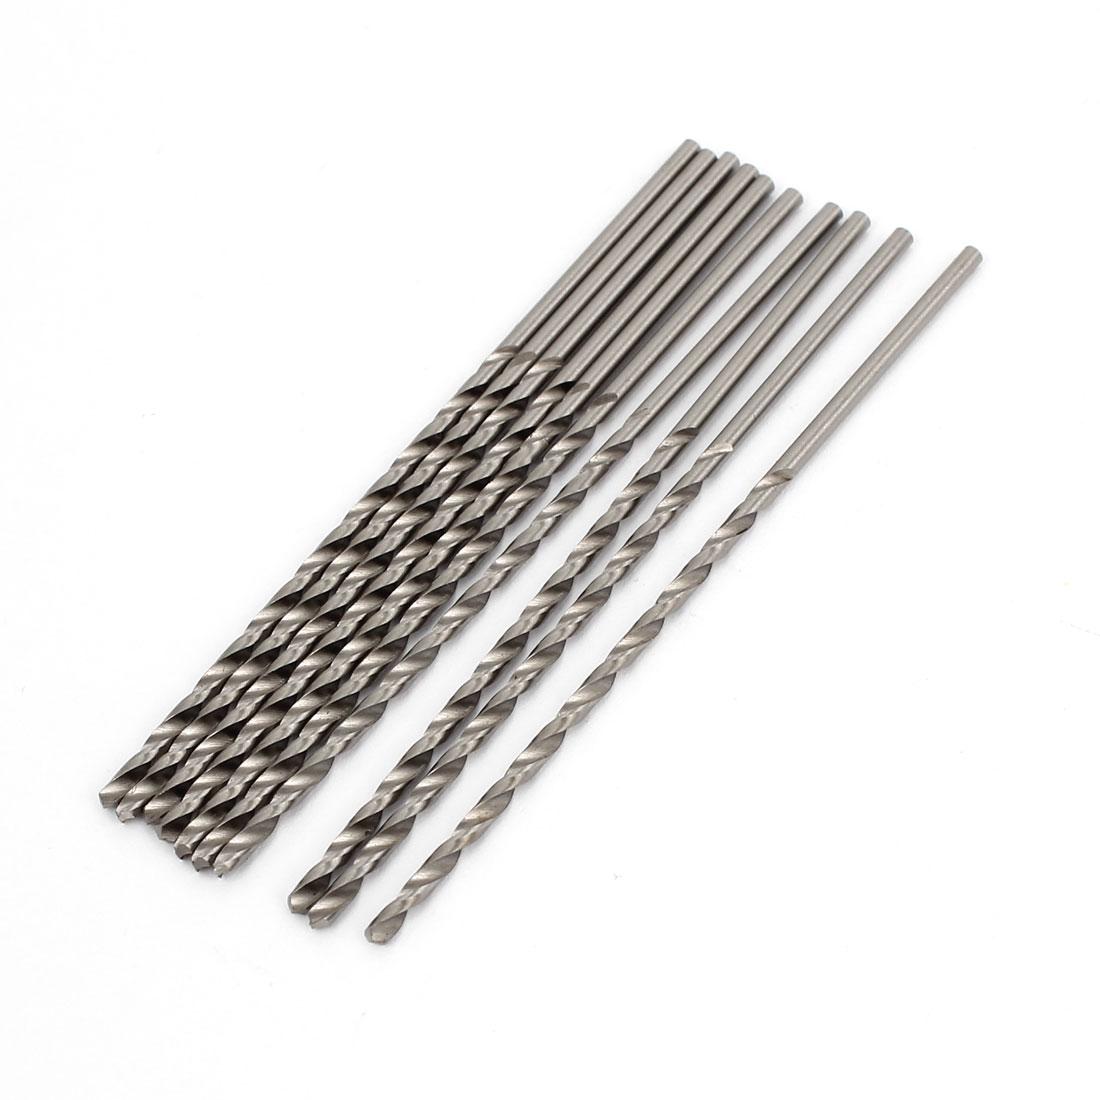 10 Pcs Straight Shank 50mm Flute Long 1.7mm Dia Electric Drill Twist Bit